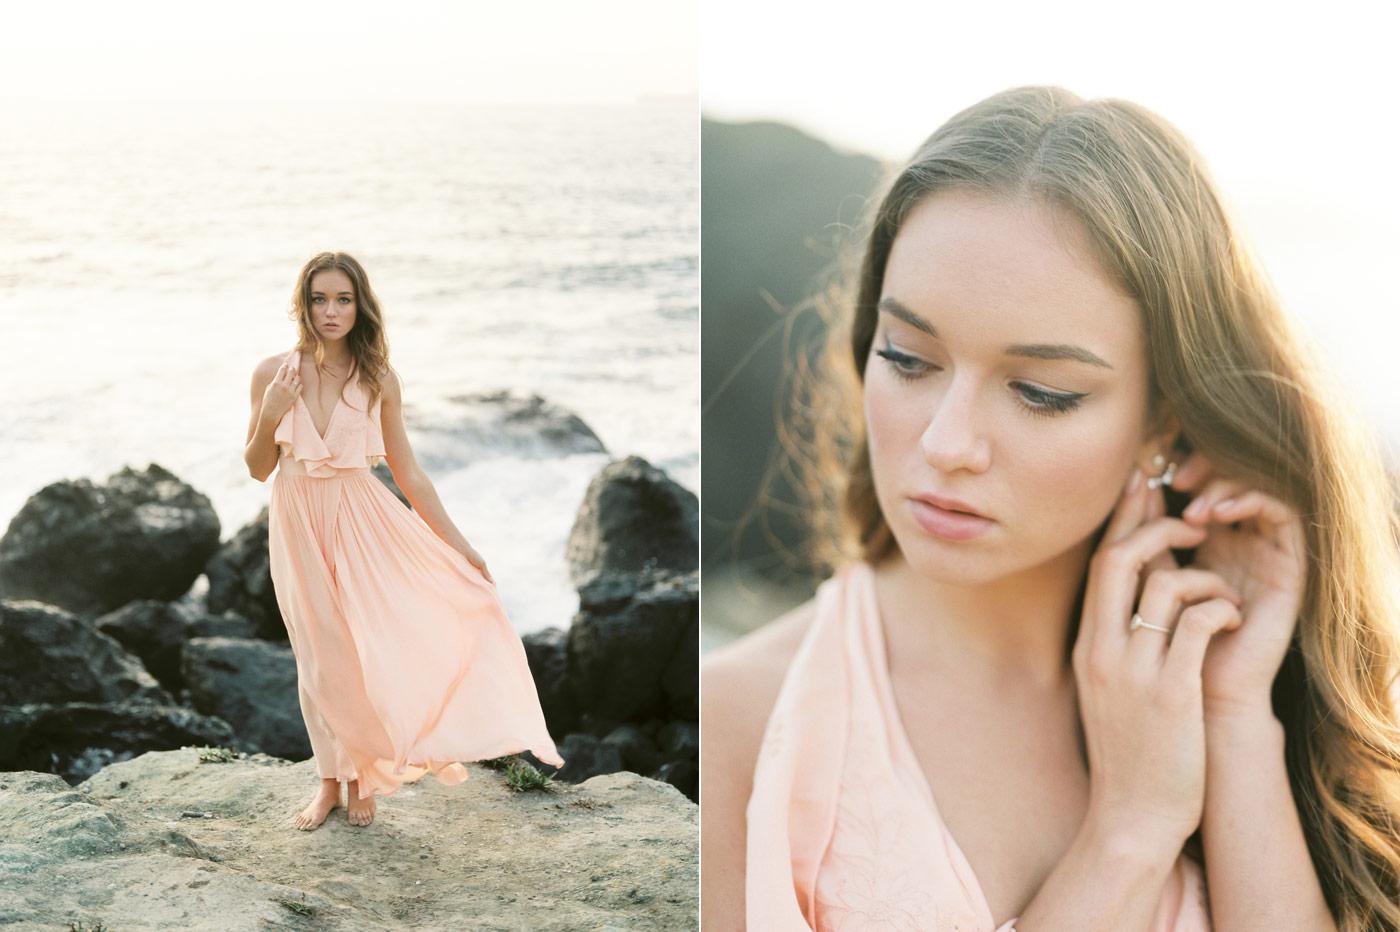 San Francisco Model Portraits